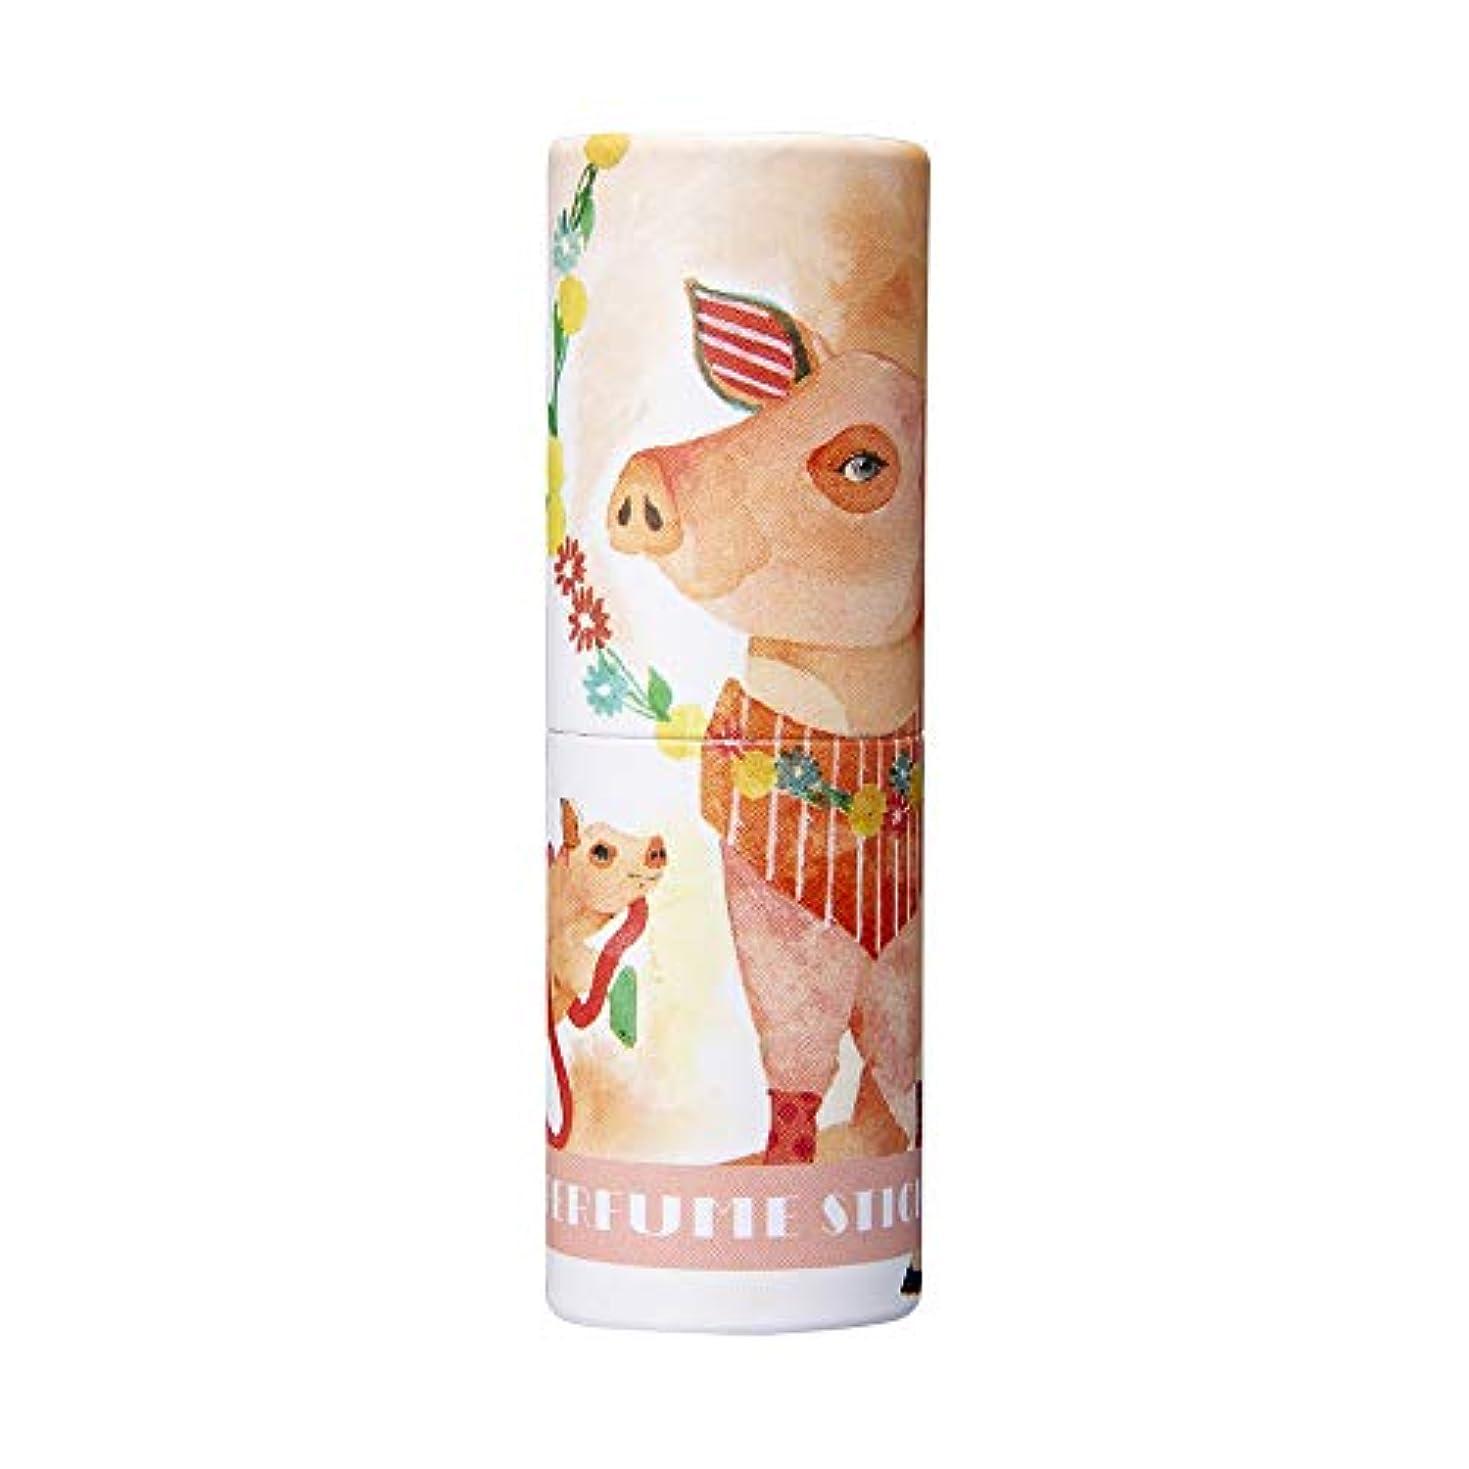 略語通路ダンスパフュームスティック ハッピー アップル&ローズの香り CatoFriendデザイン 5g